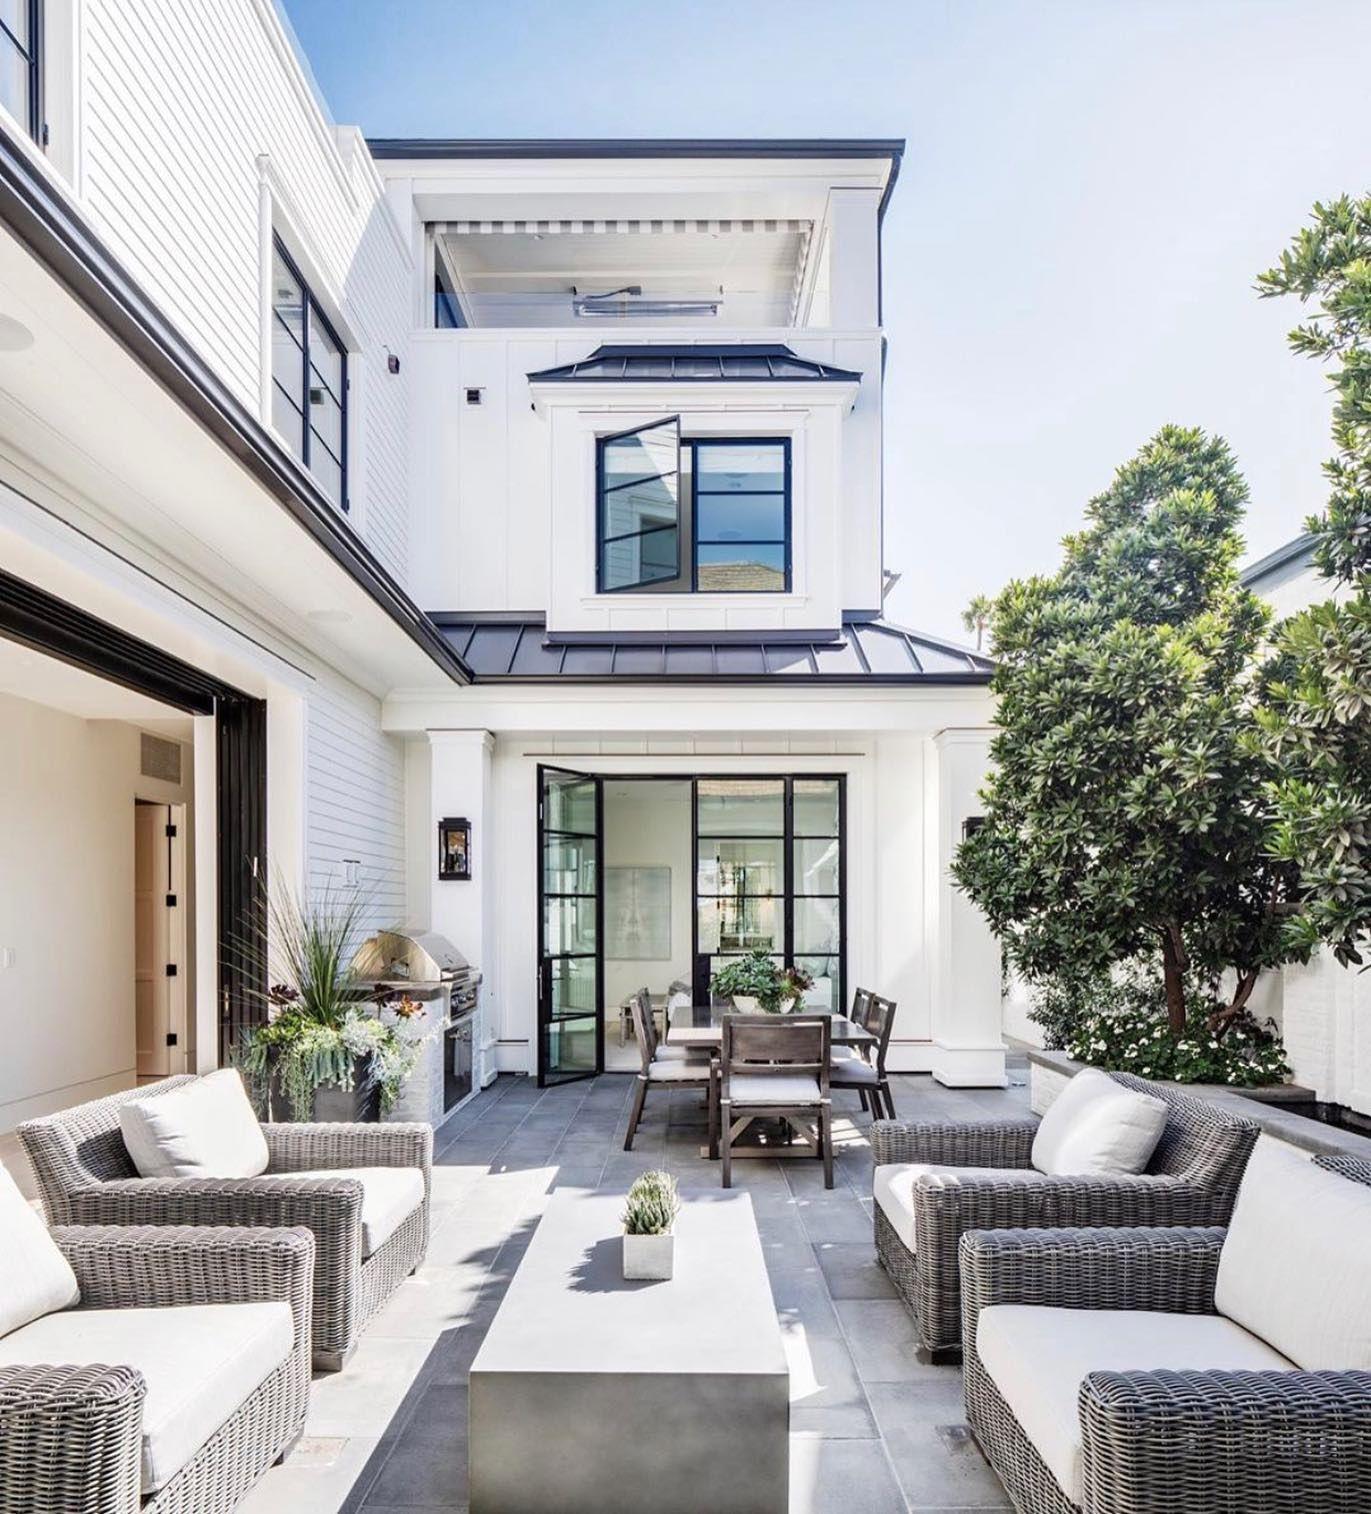 Pivot Doors Euroline Steel Windows In 2020 Dream House Exterior House Exterior Dream Home Design